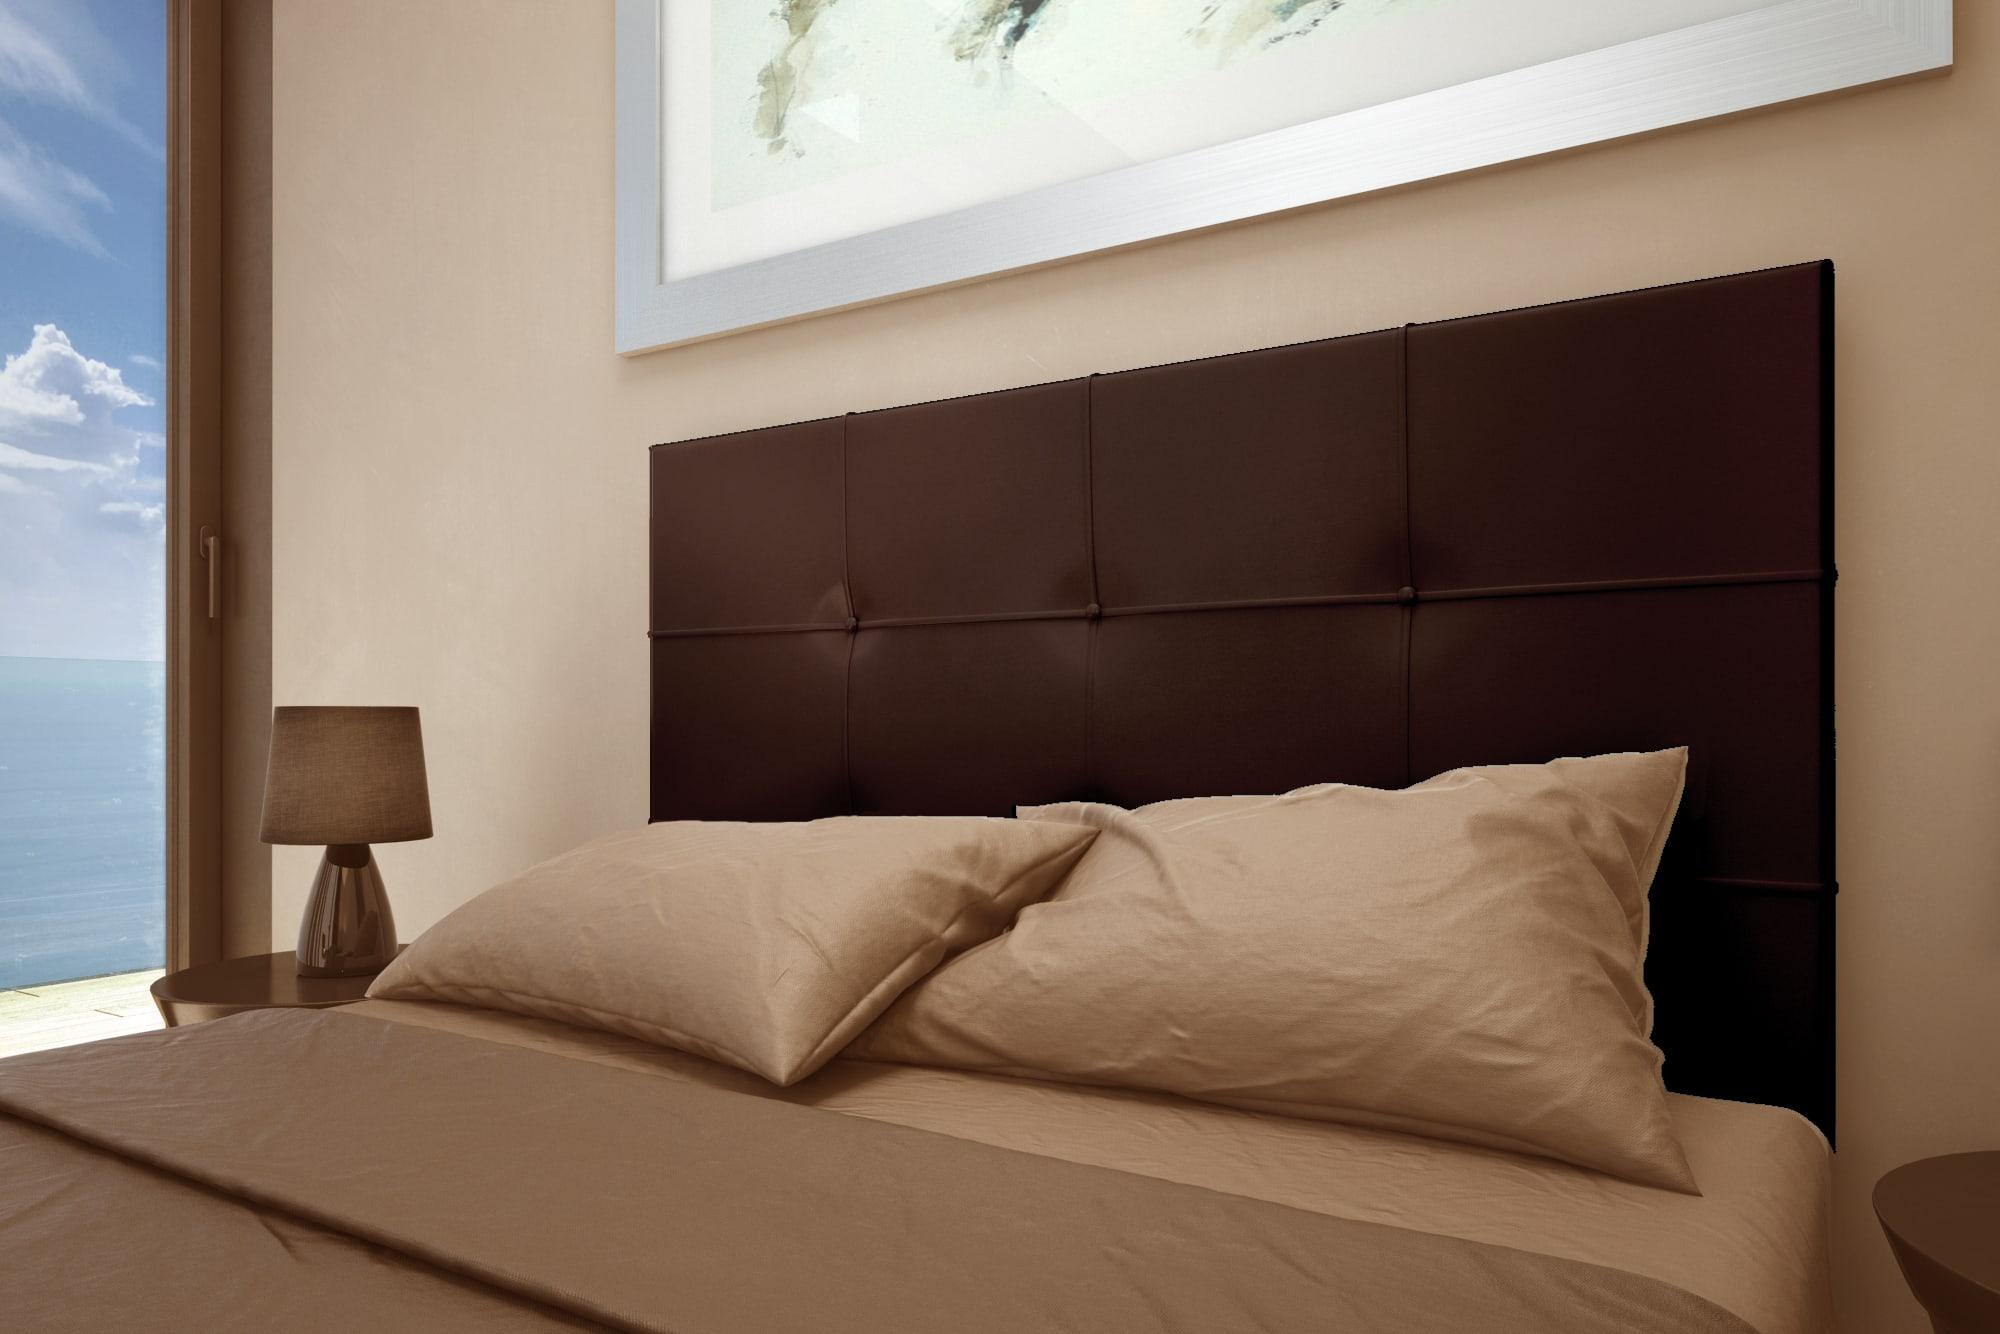 Cabeceros de cama elegantes y originales - Cabeceros de cama antiguos ...